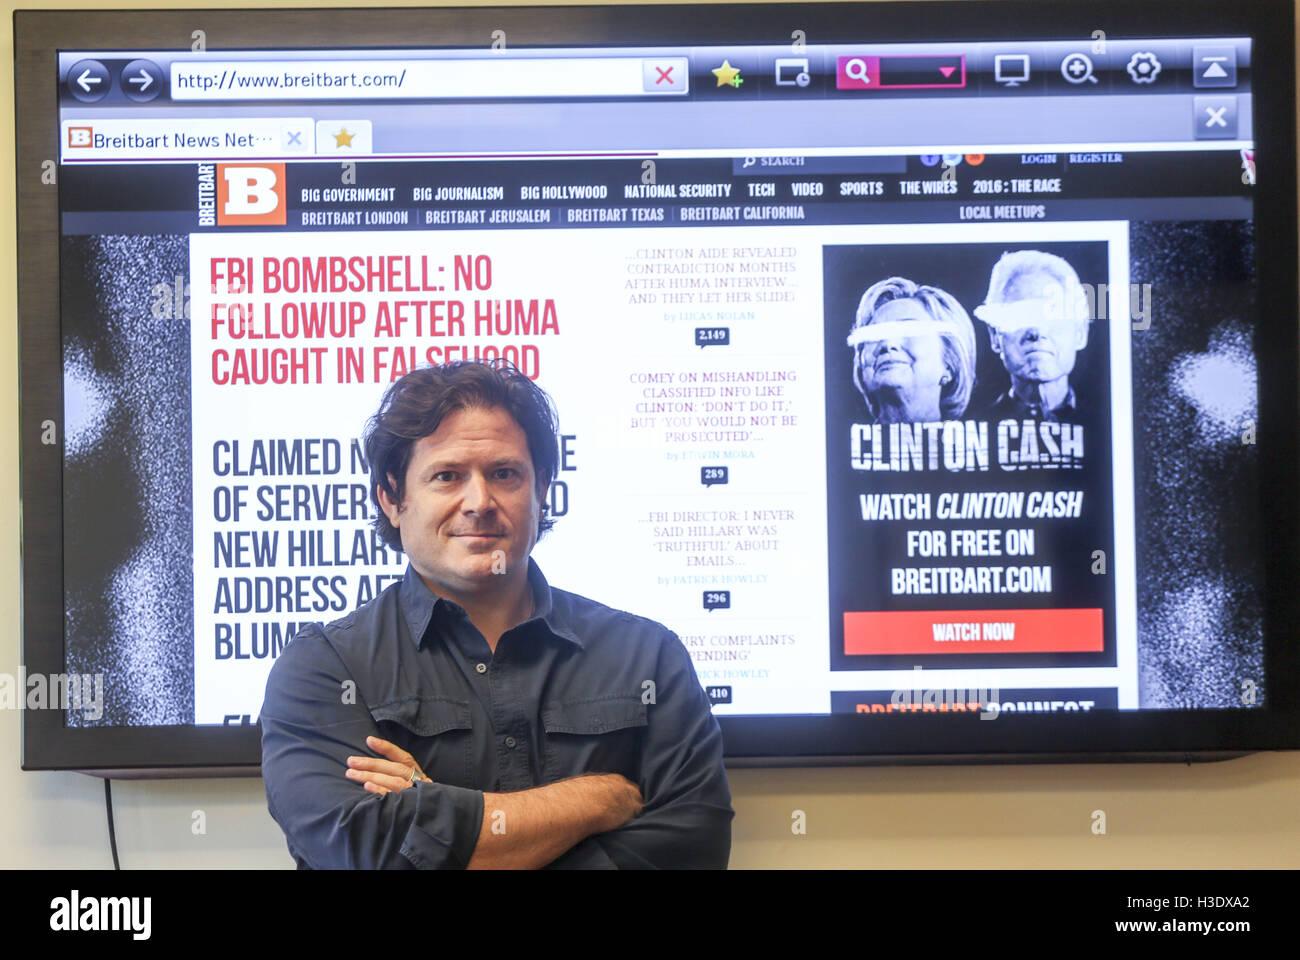 Breitbart News Stock Photos & Breitbart News Stock Images